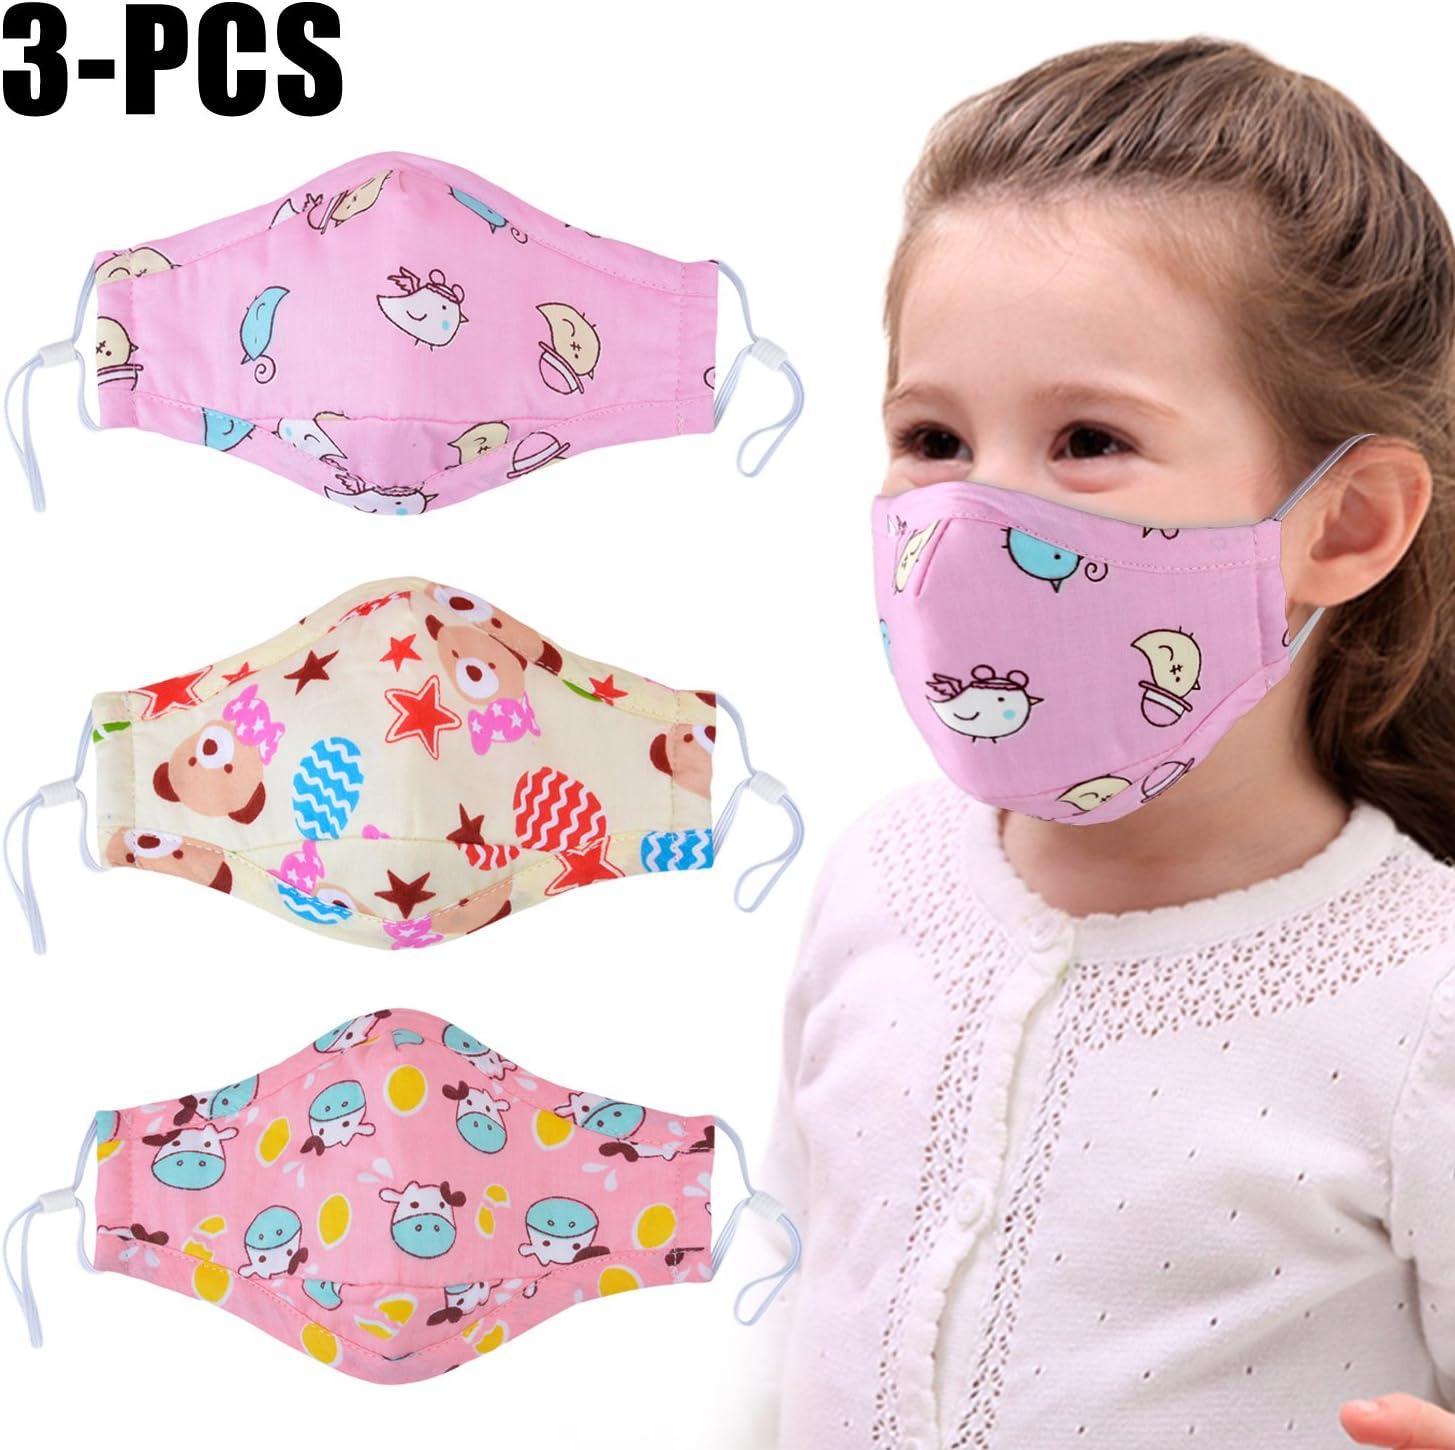 Bangcool 3PCS Máscara de la Boca Mascarilla de algodón con máscara Antipolvo Transpirable de Dibujos Animados para niños